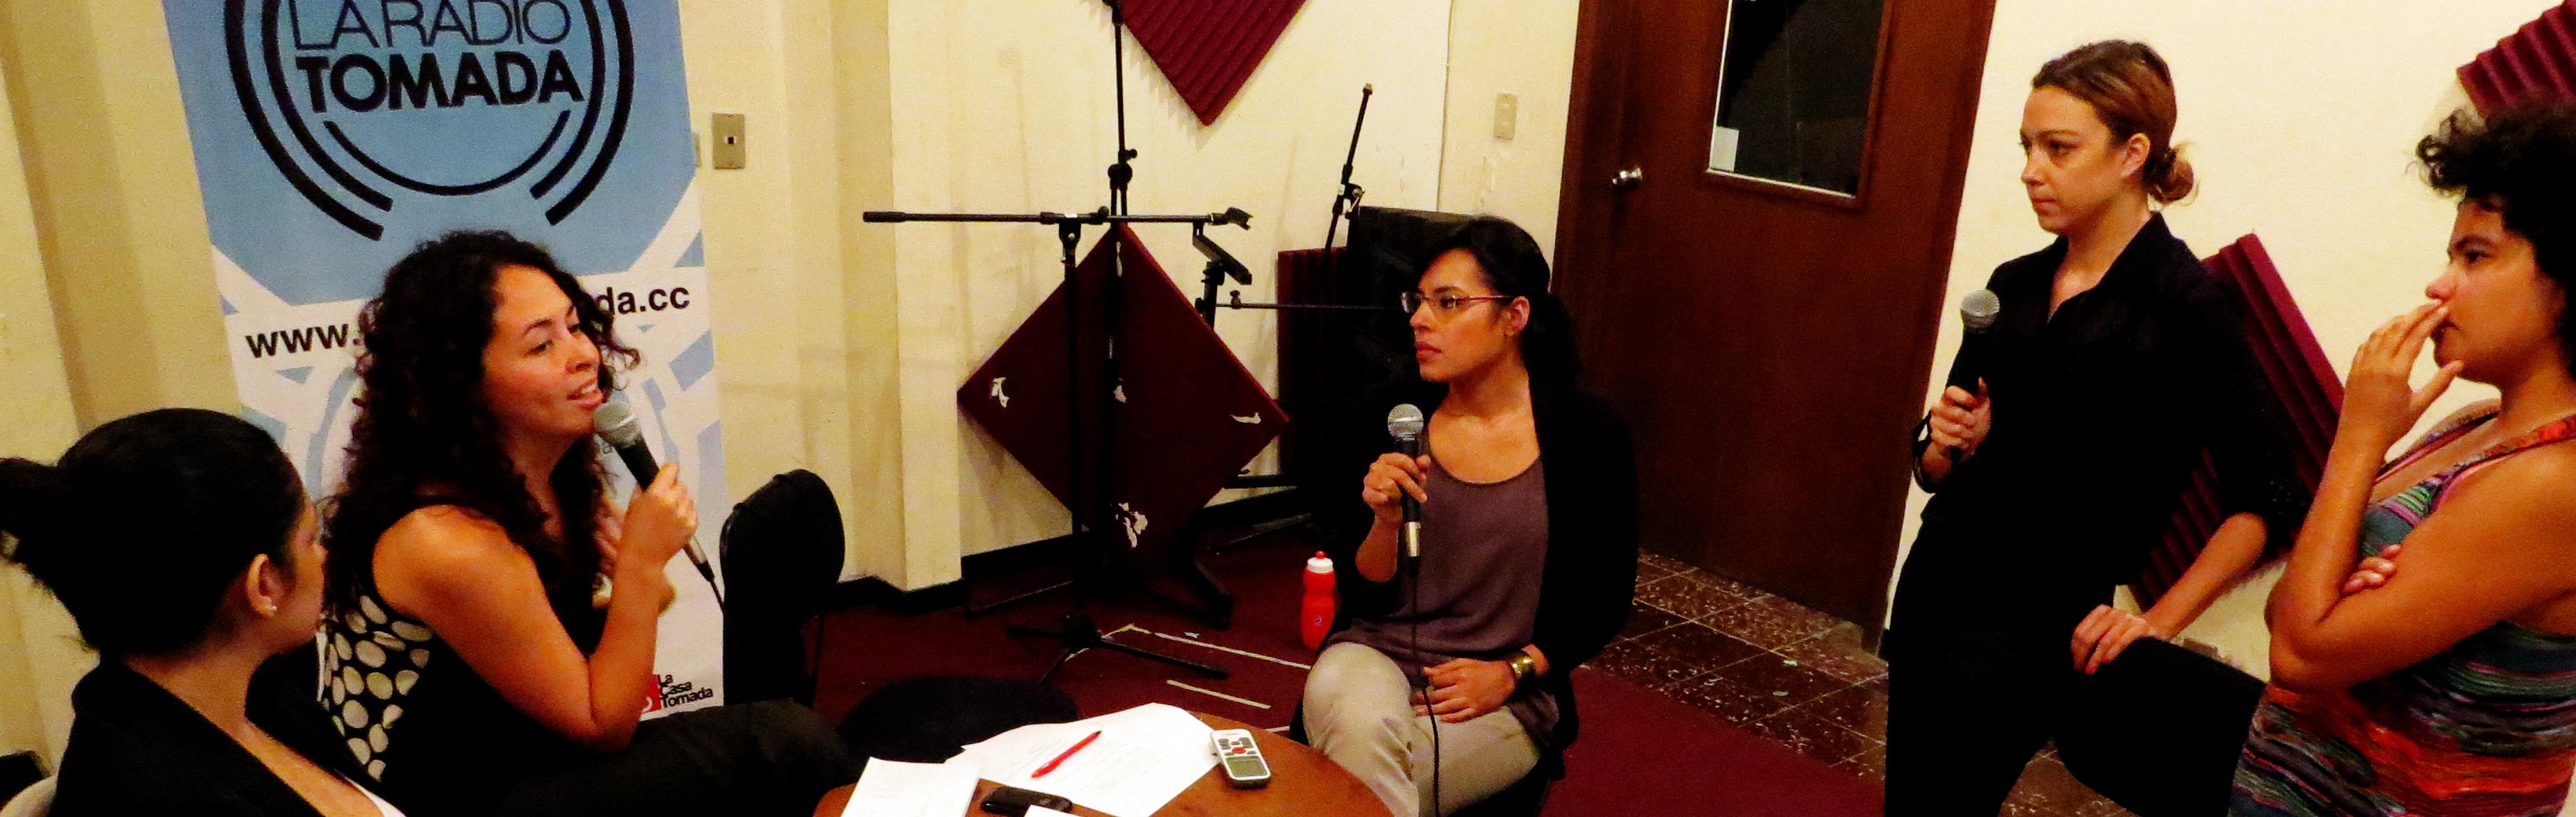 Cinco mujeres escuchando y platicando sobre Cultura Política, integrantes de la Oveja Negra y La Radio Tomada